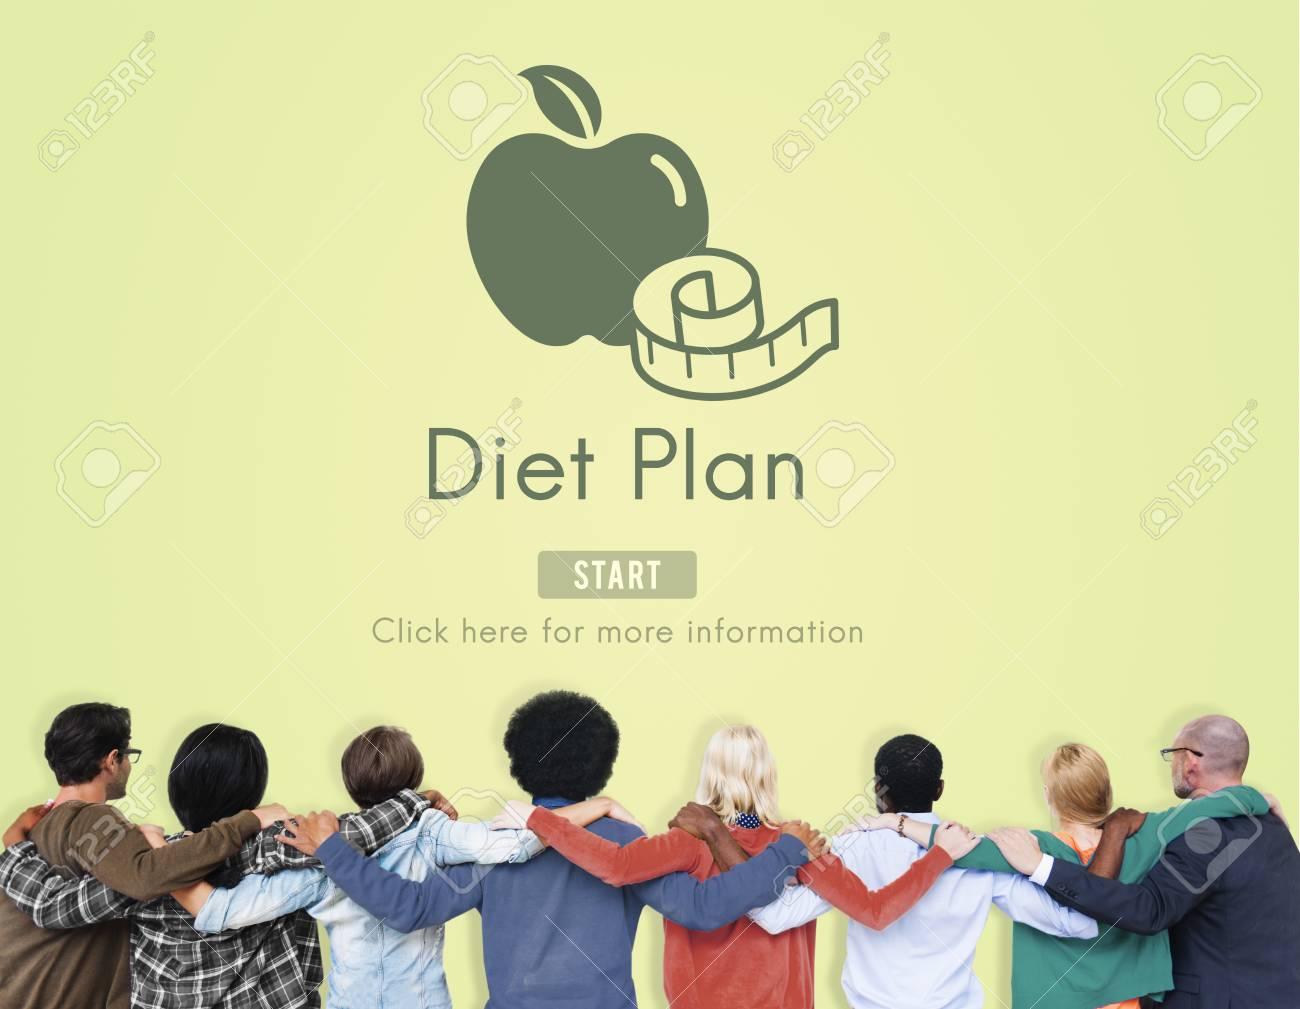 Diat Plan Gesunde Ernahrung Essen Essen Wahl Konzept Lizenzfreie